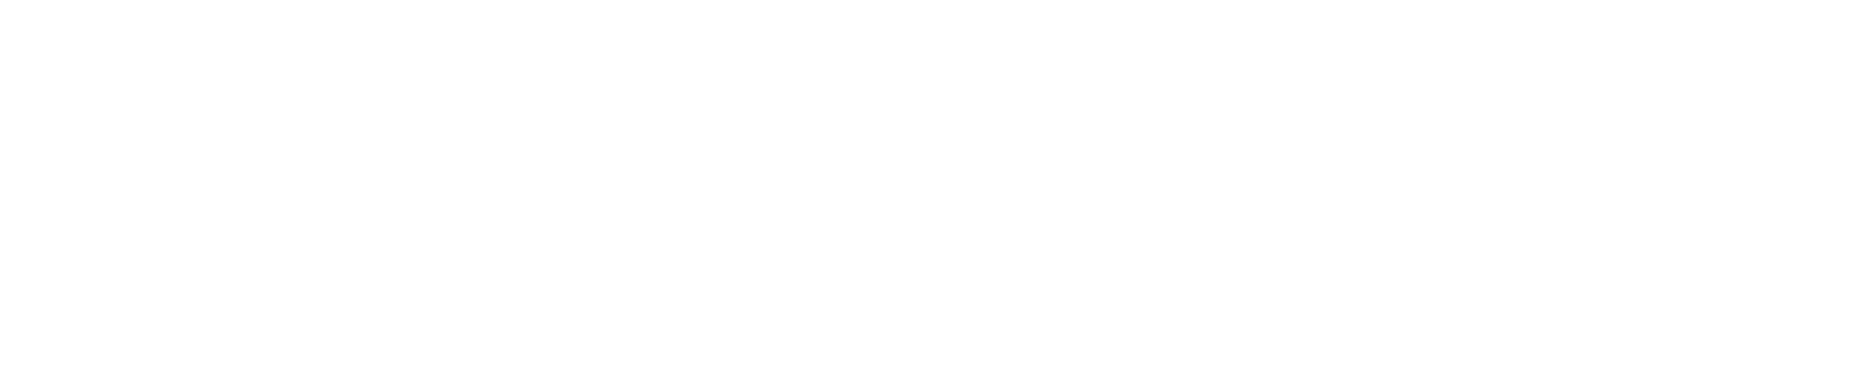 Sense AI life Cycle Logo